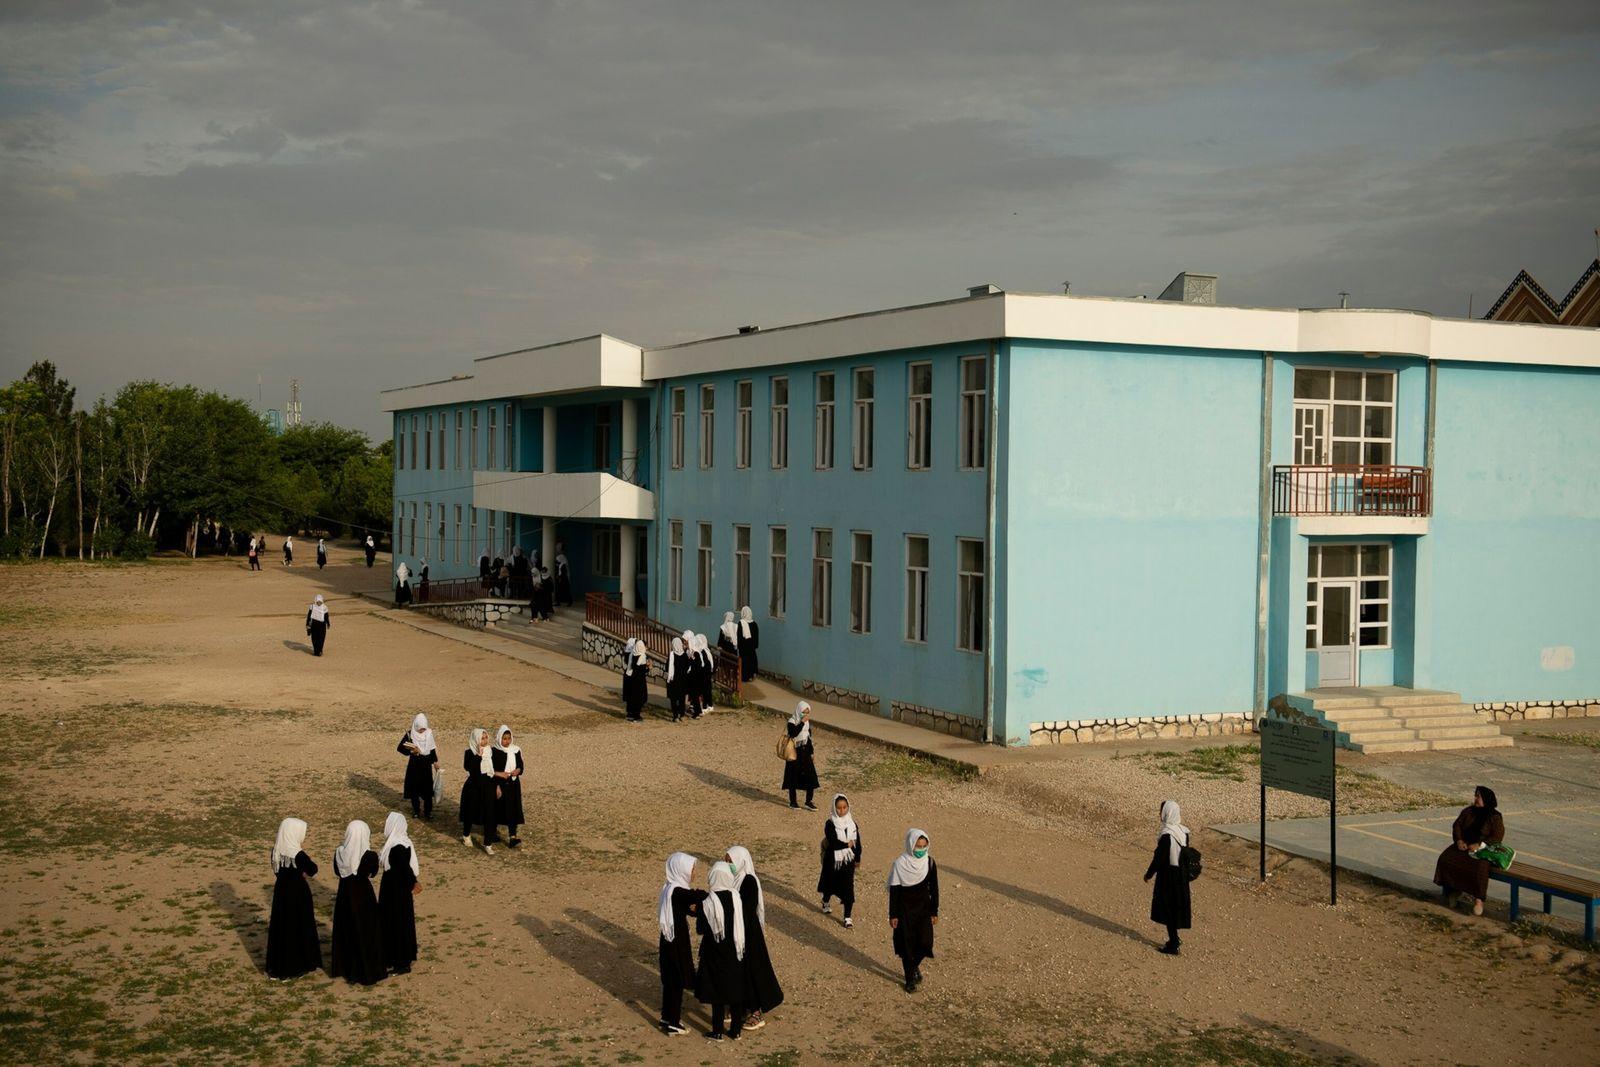 Estudantes se reúnem no pátio da escola secundária Marshal Dostum, em Shibirghan, no noroeste do Afeganistão, ...